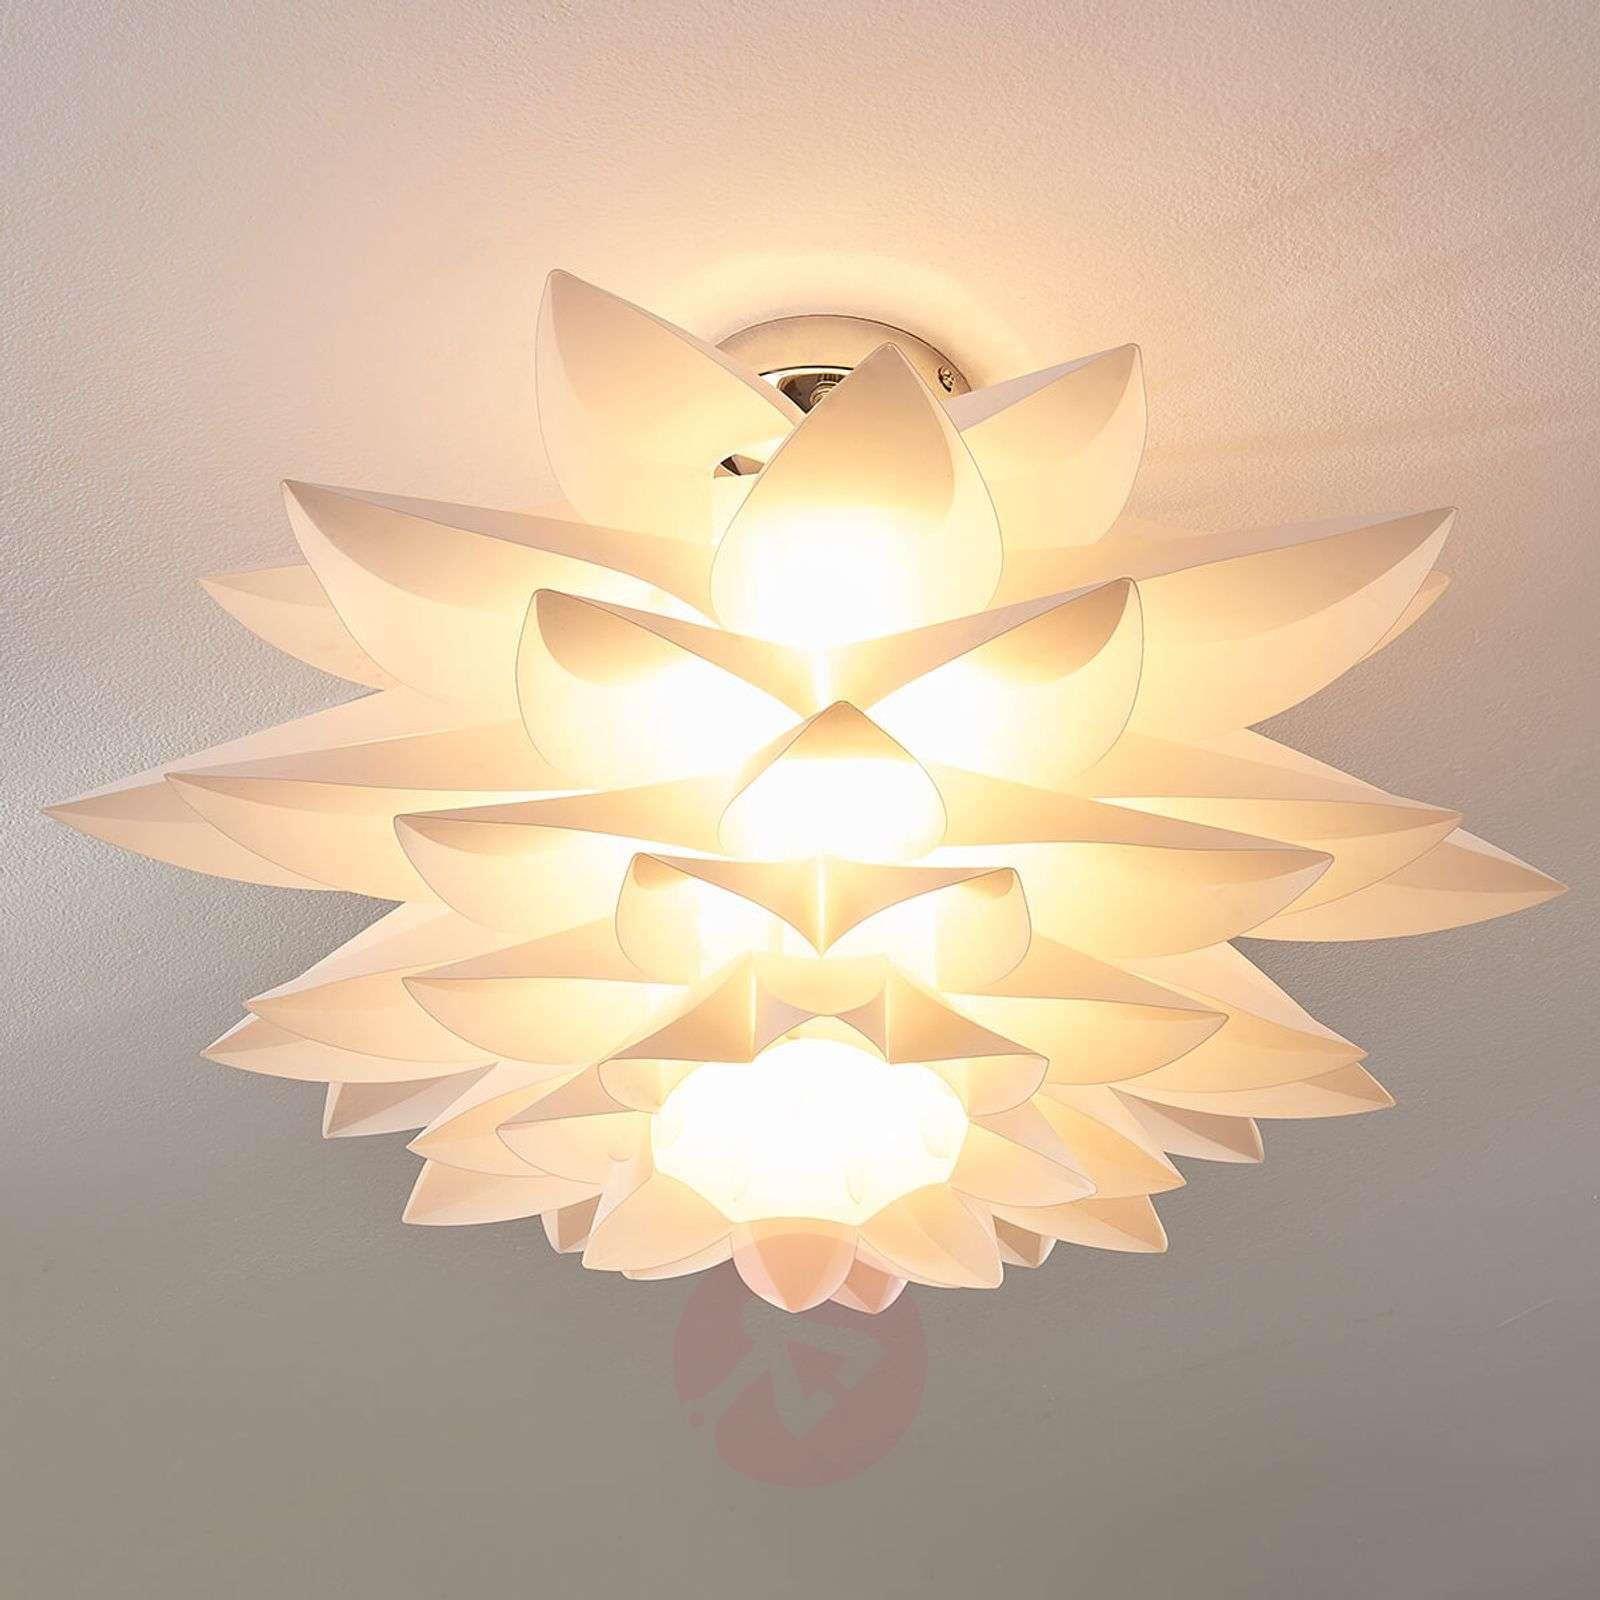 Rimon kukkamainen kattovalaisin, valkoinen-9621147-01